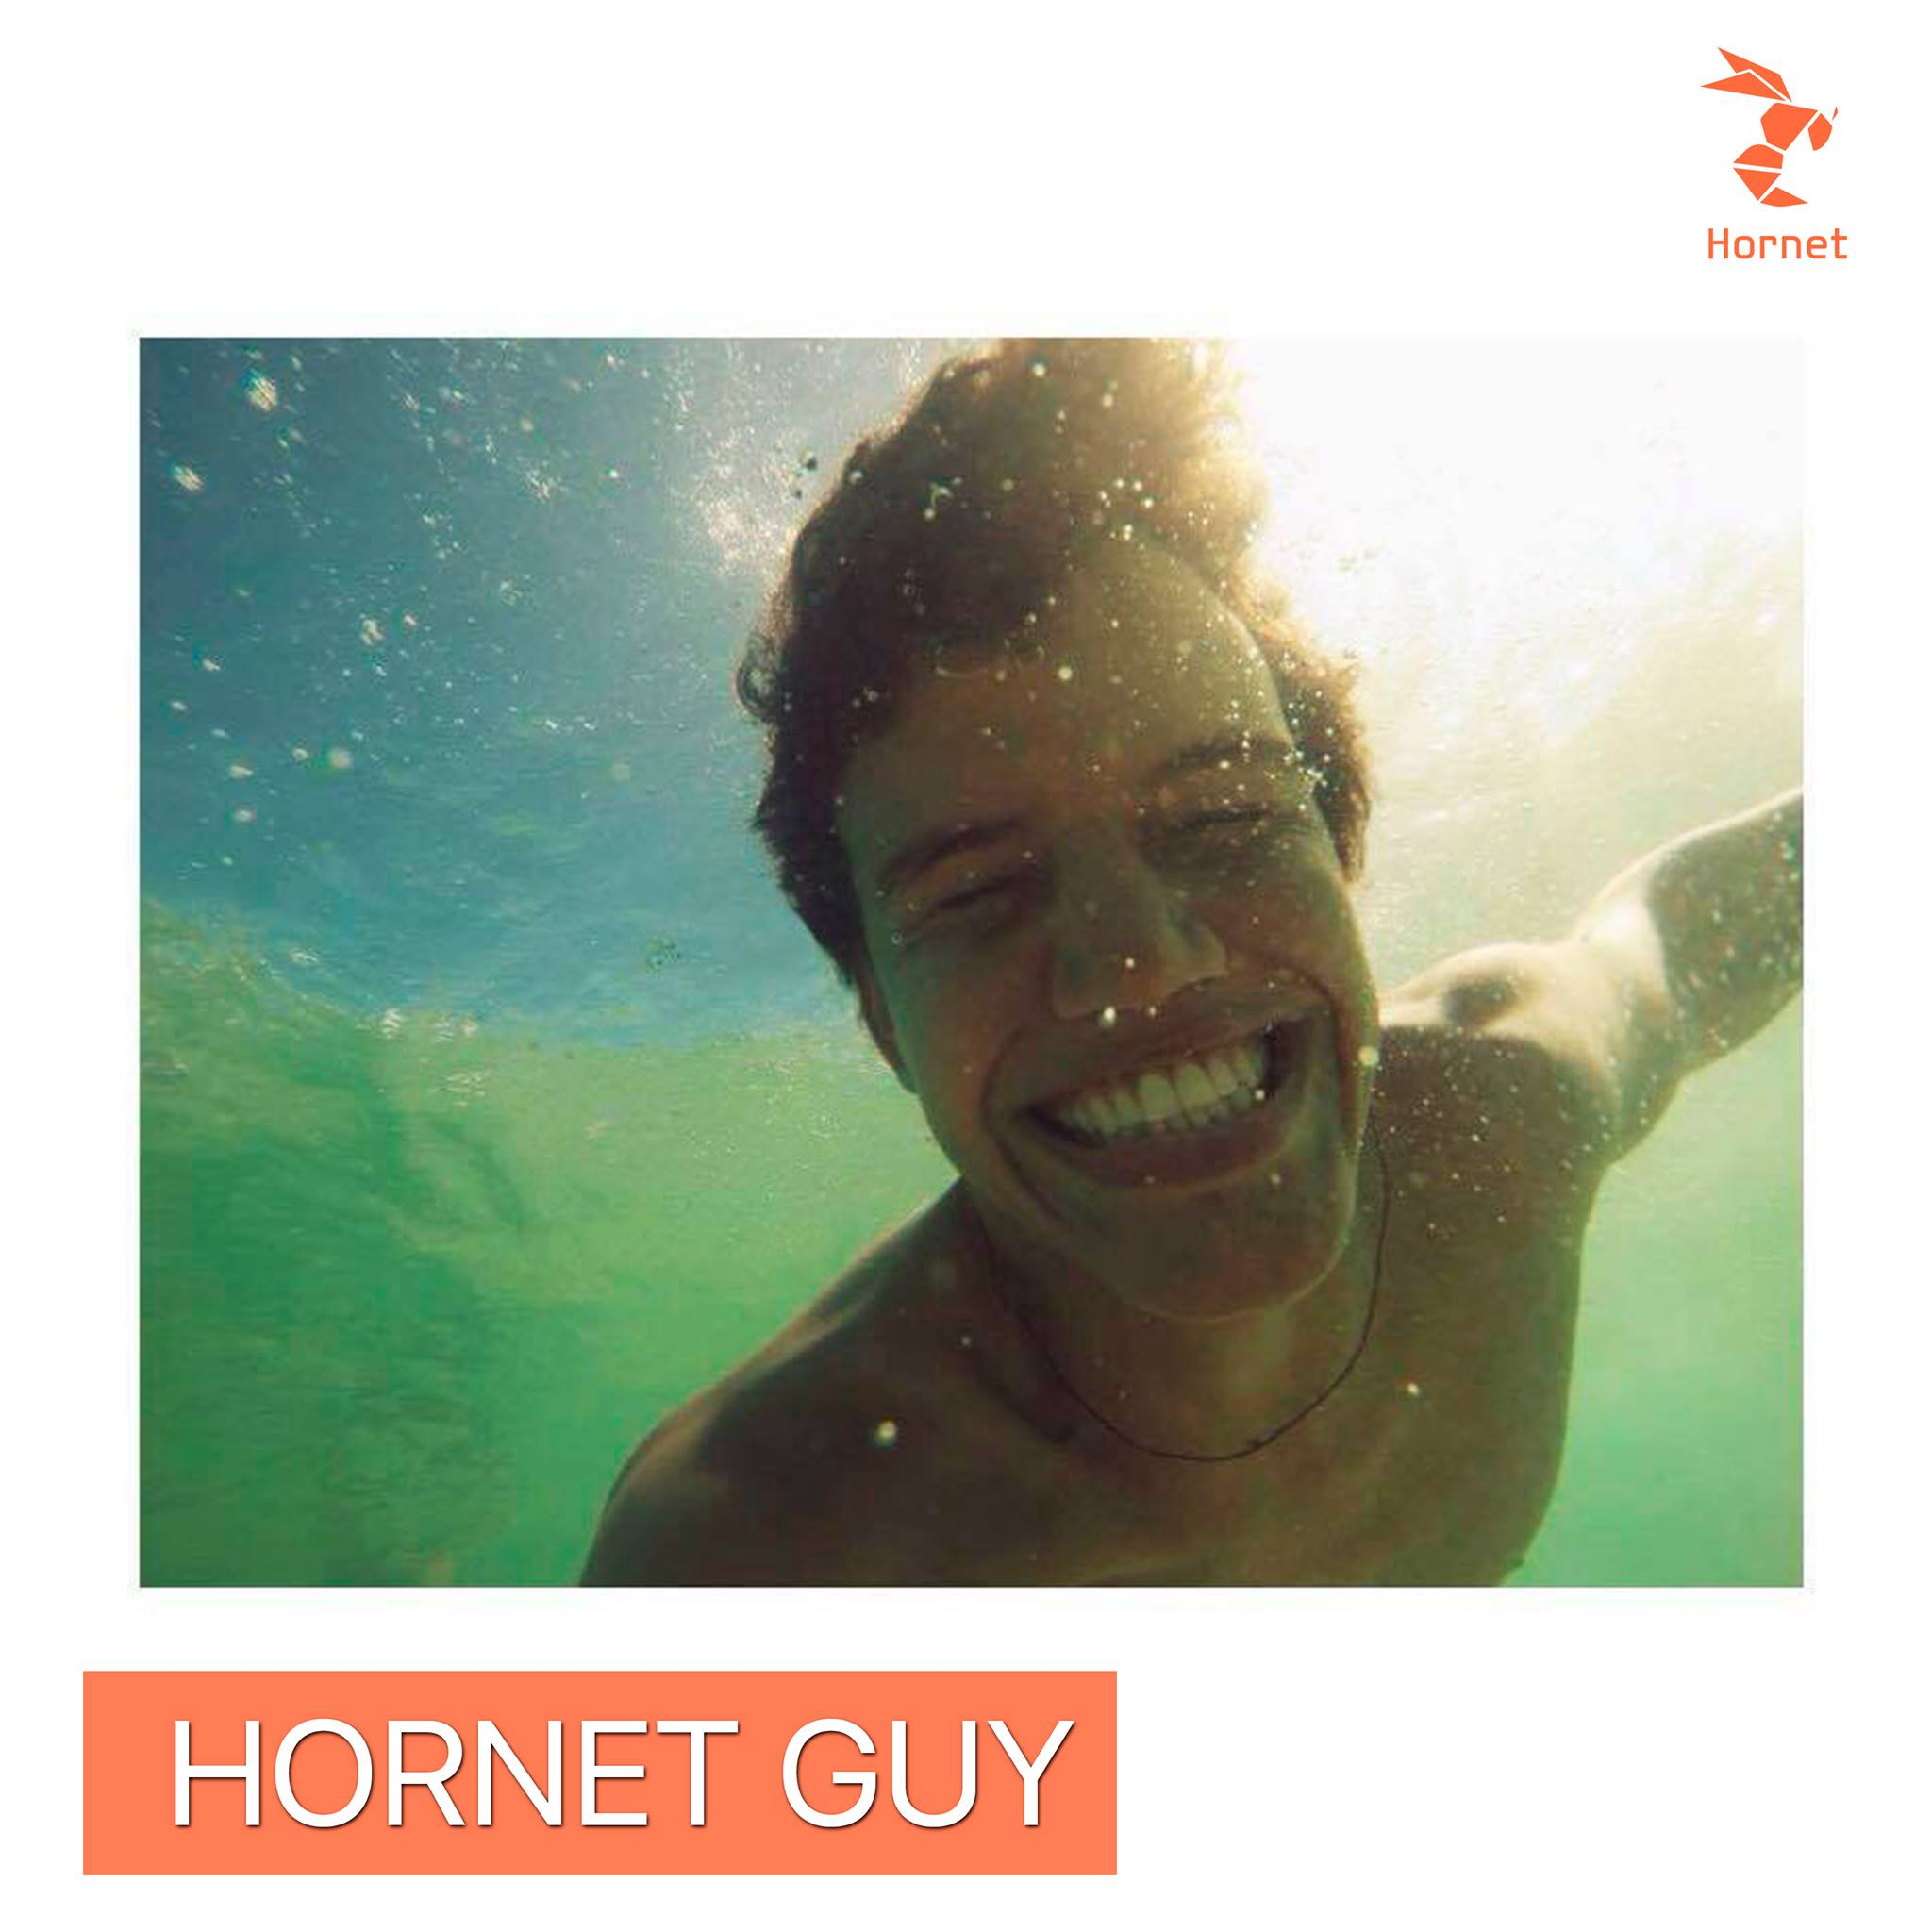 hornet guy